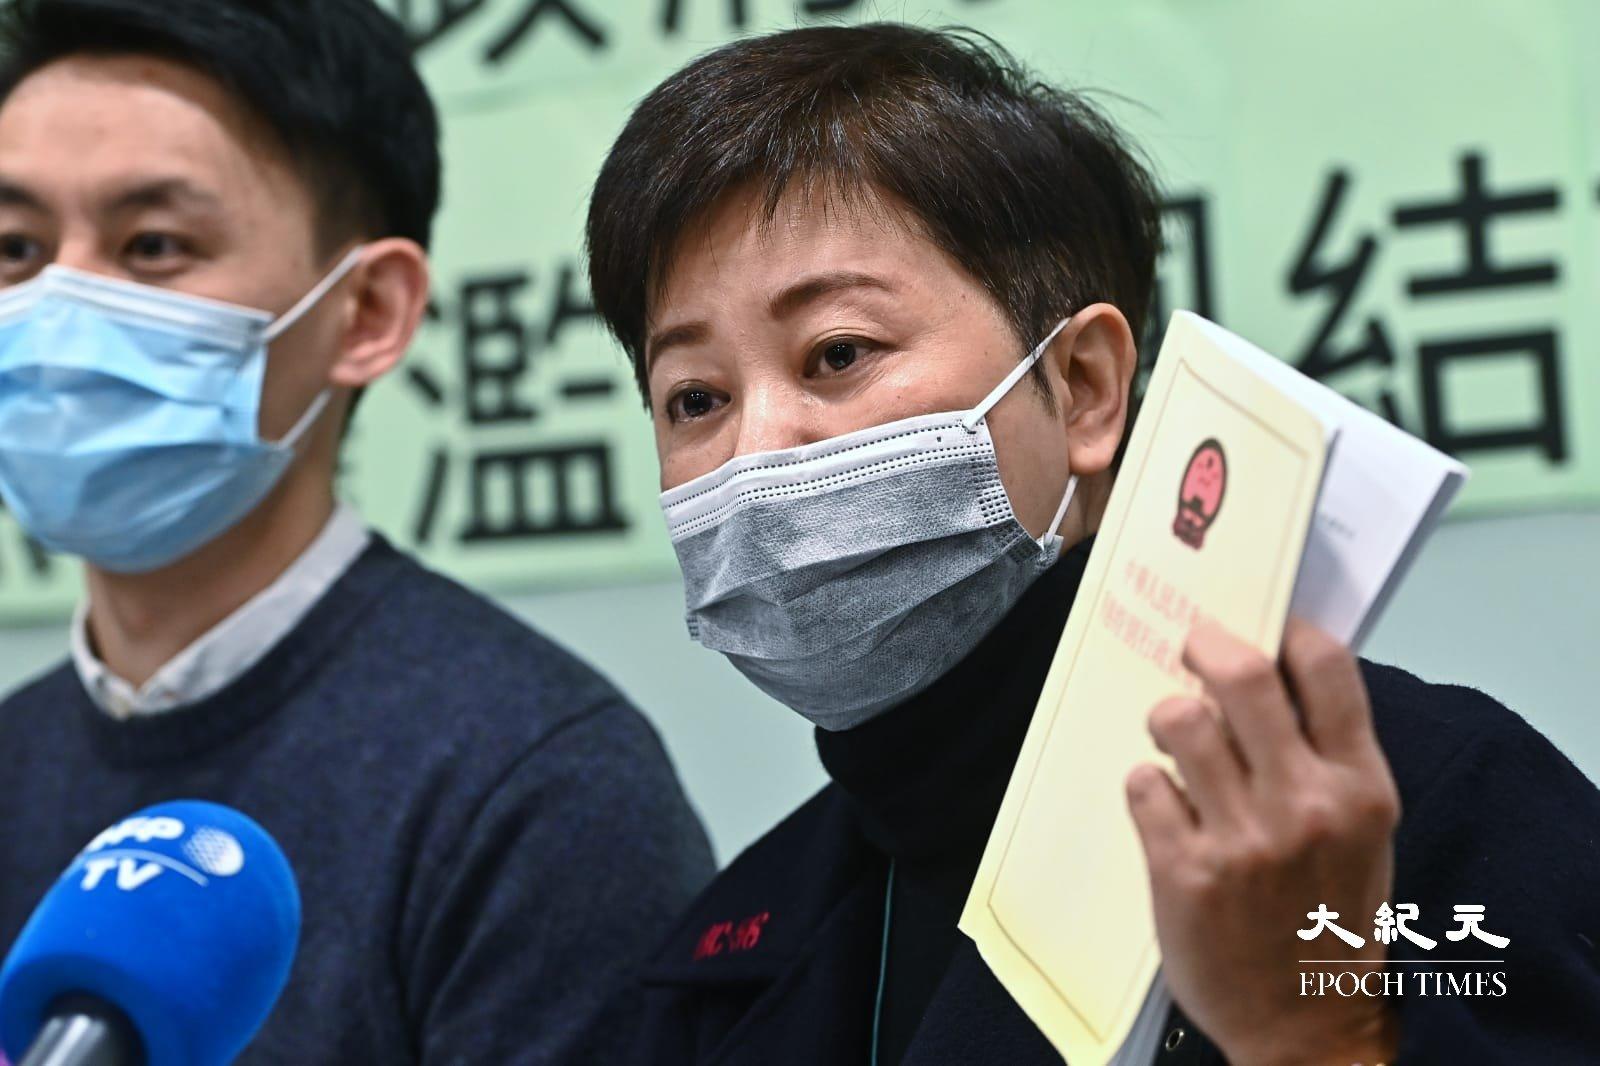 黃碧雲對事件感到震驚,表示對此事沒有準備,直言拘捕行動瘋狂。(宋碧龍/大紀元)